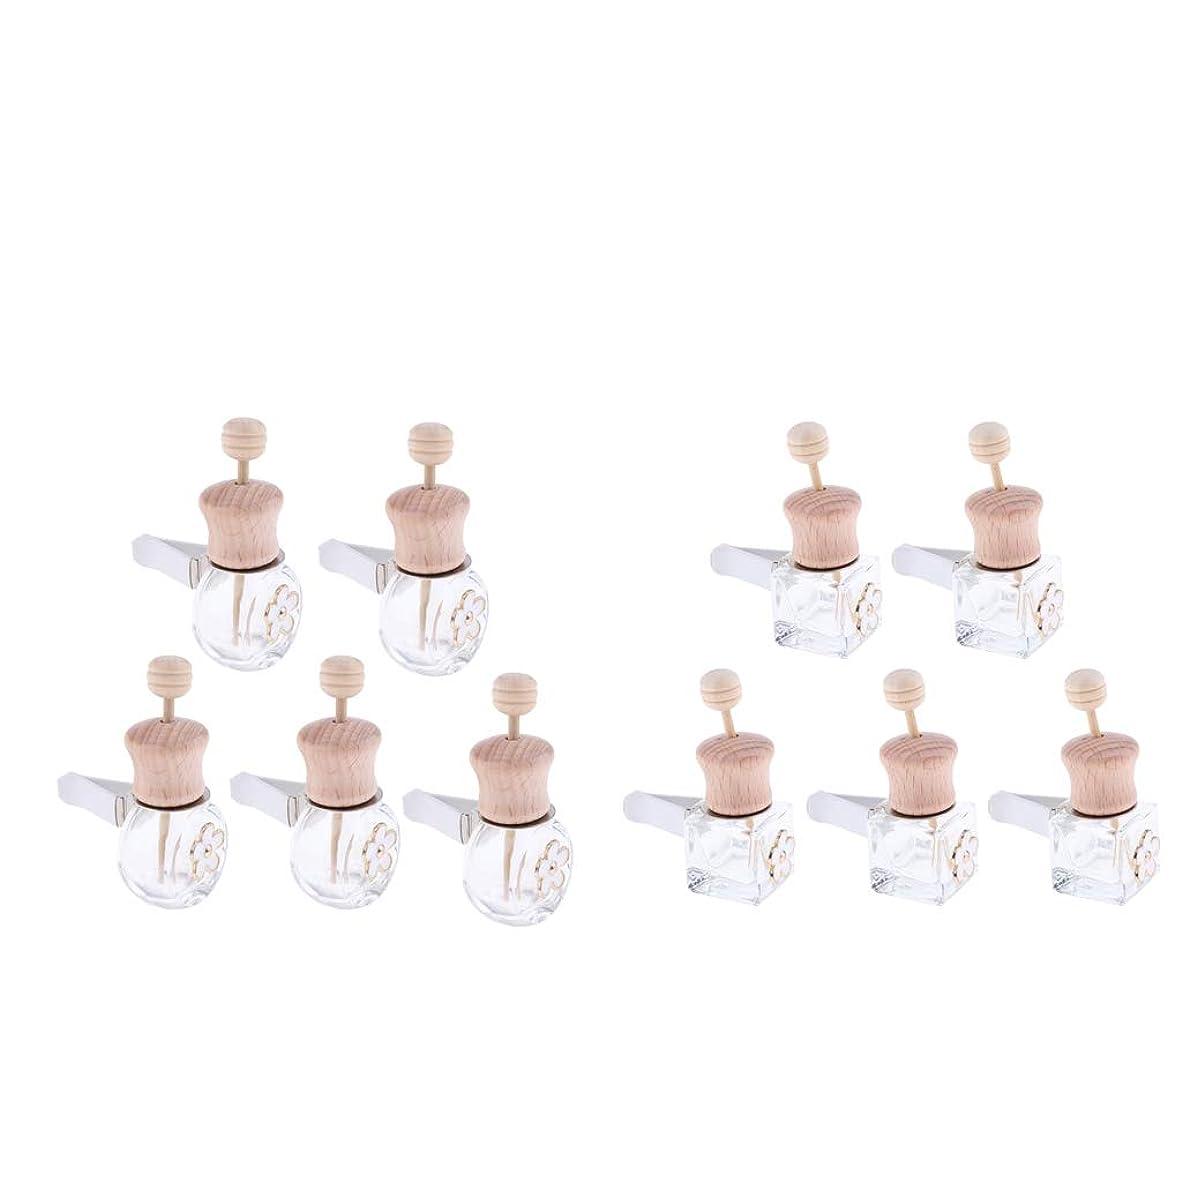 均等にスキッパーナプキンSM SunniMix 車 香水ボトル 詰め替え式 ディフューザー 8ml+6ml 装飾 雰囲気 作り出す 10個入